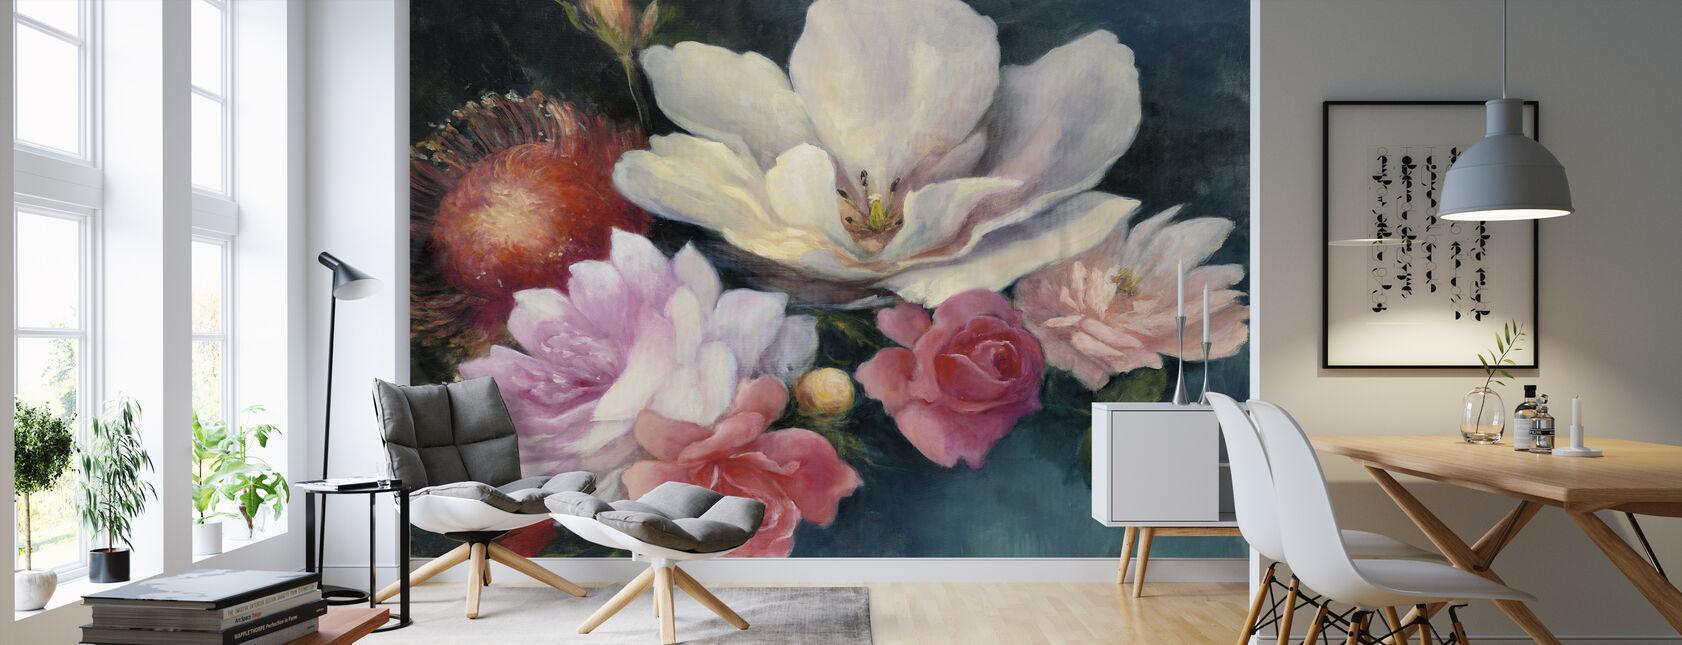 Flemish Fantasy - Wallpaper - Living Room